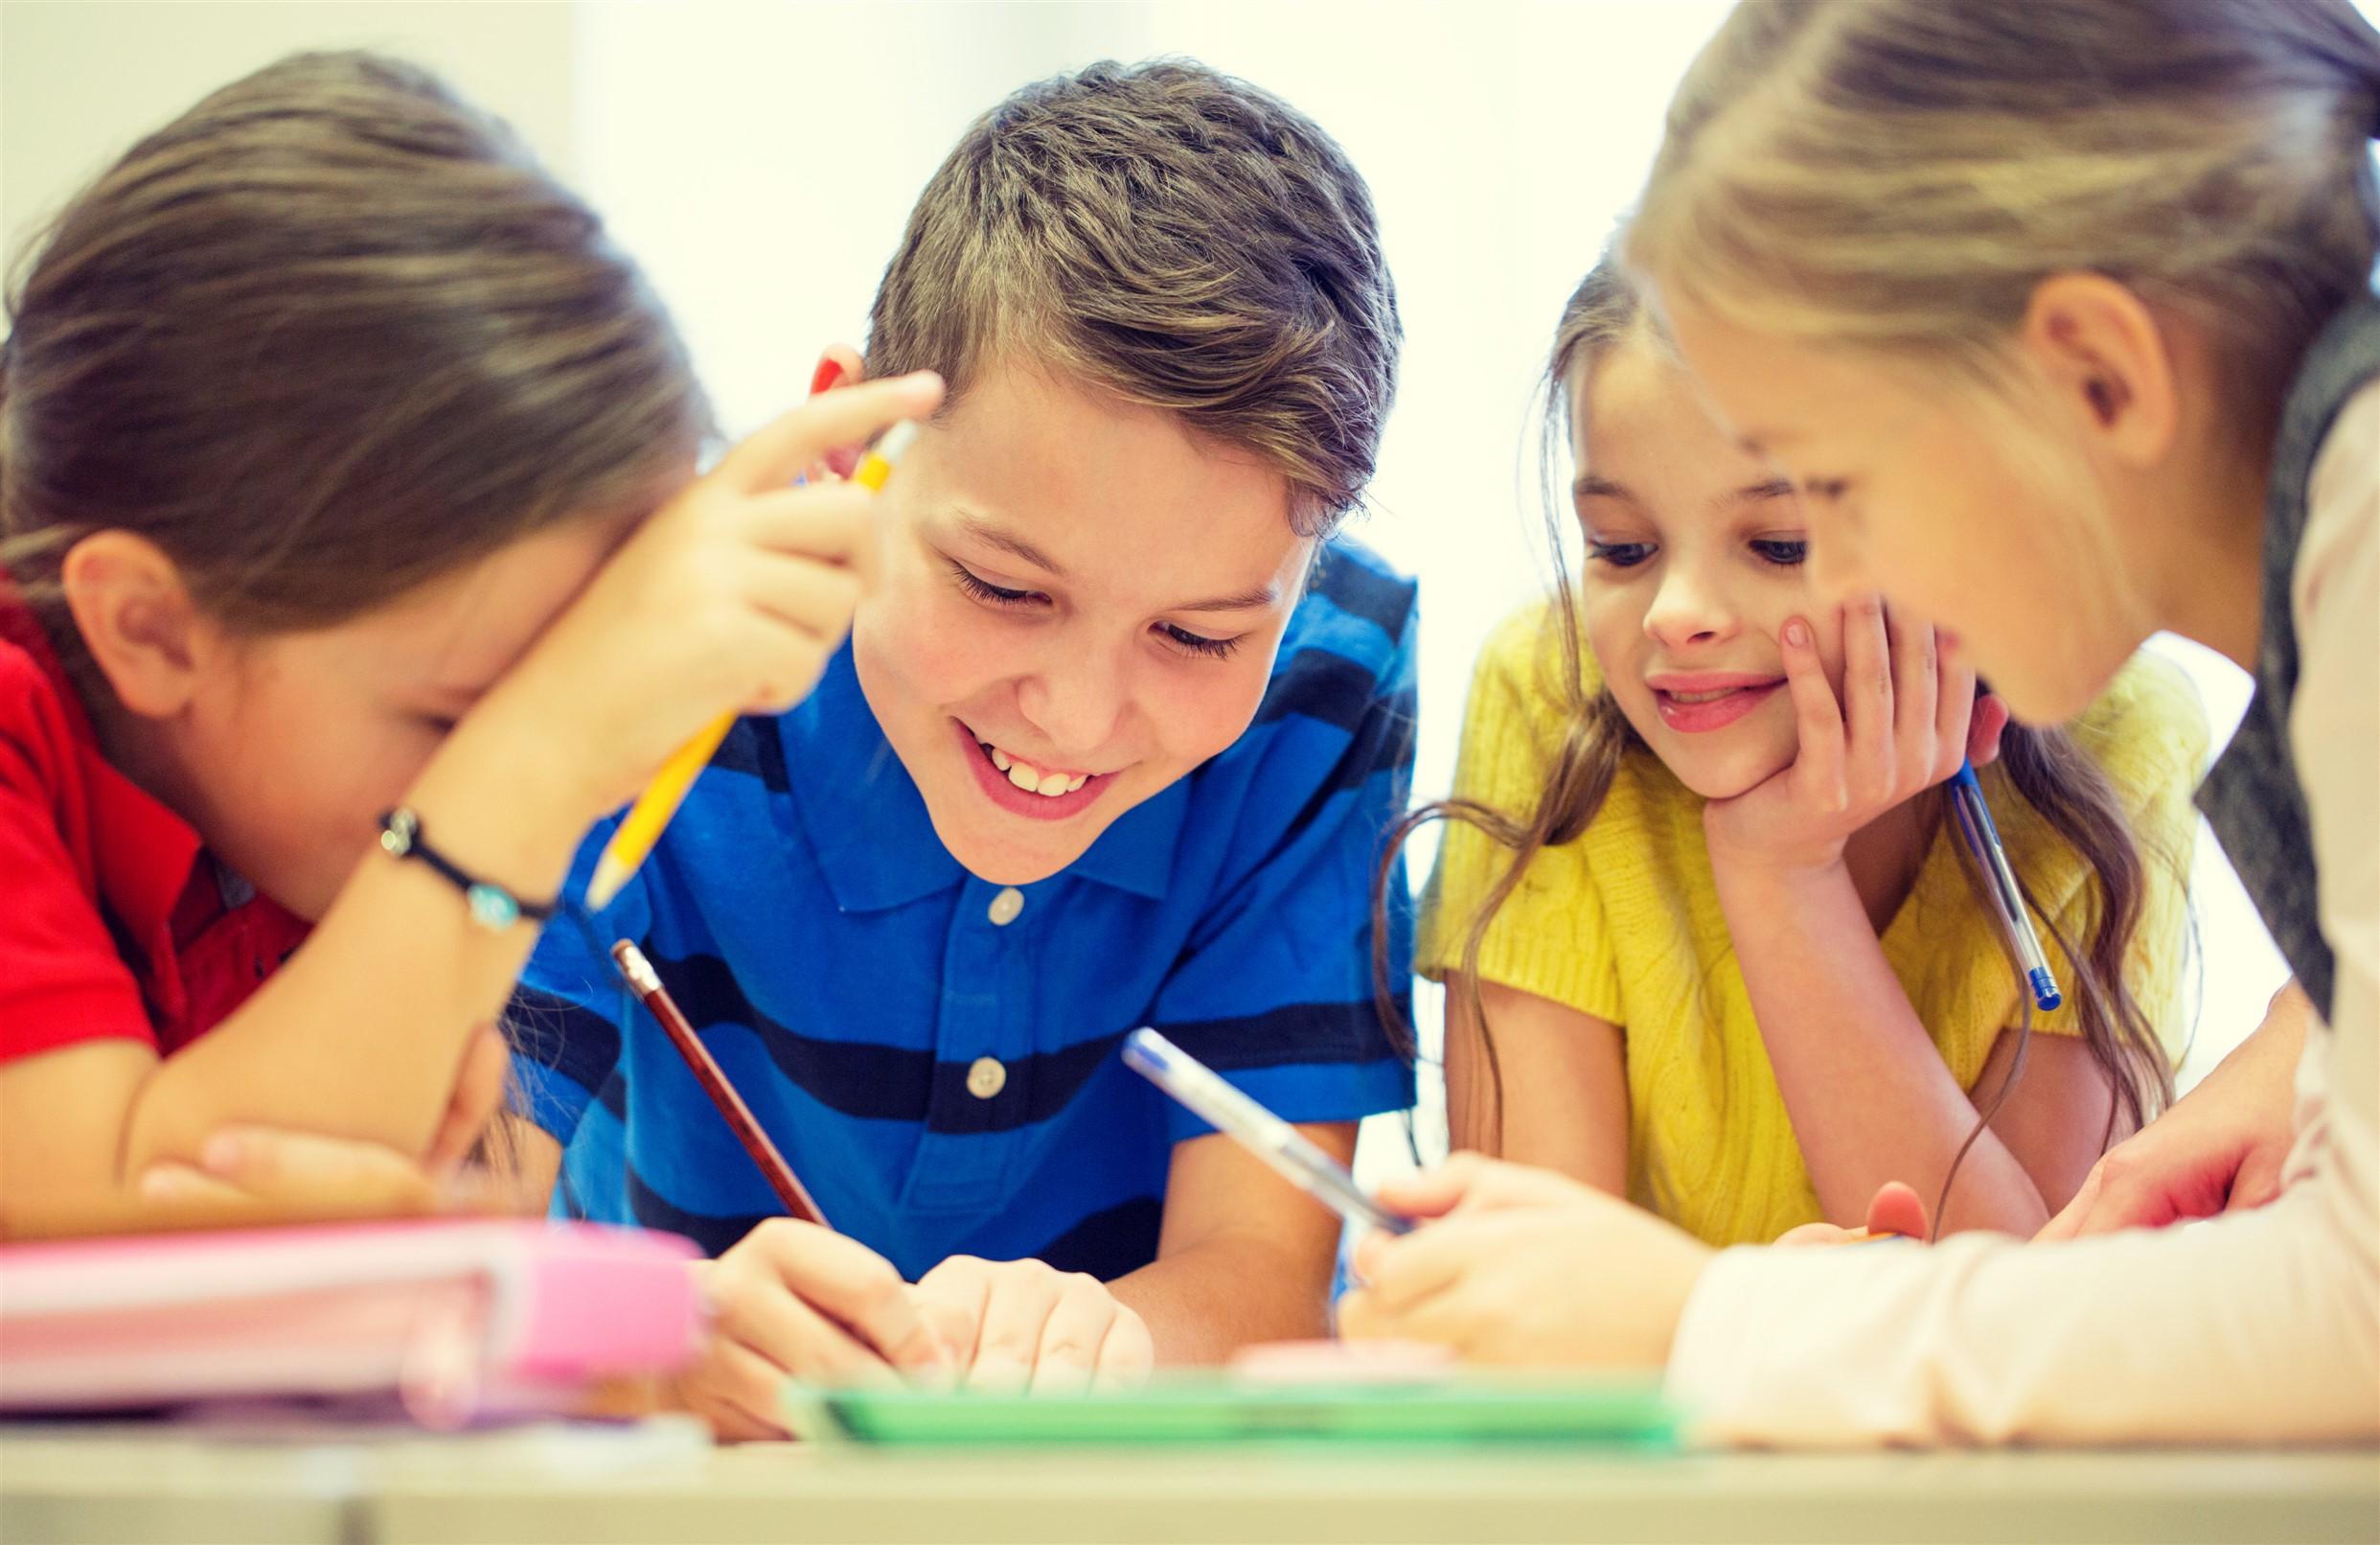 ide okulları, bilişsel yetkinliklerin gelişimine yönelik PASS teorisini eğitim modeline katıyor